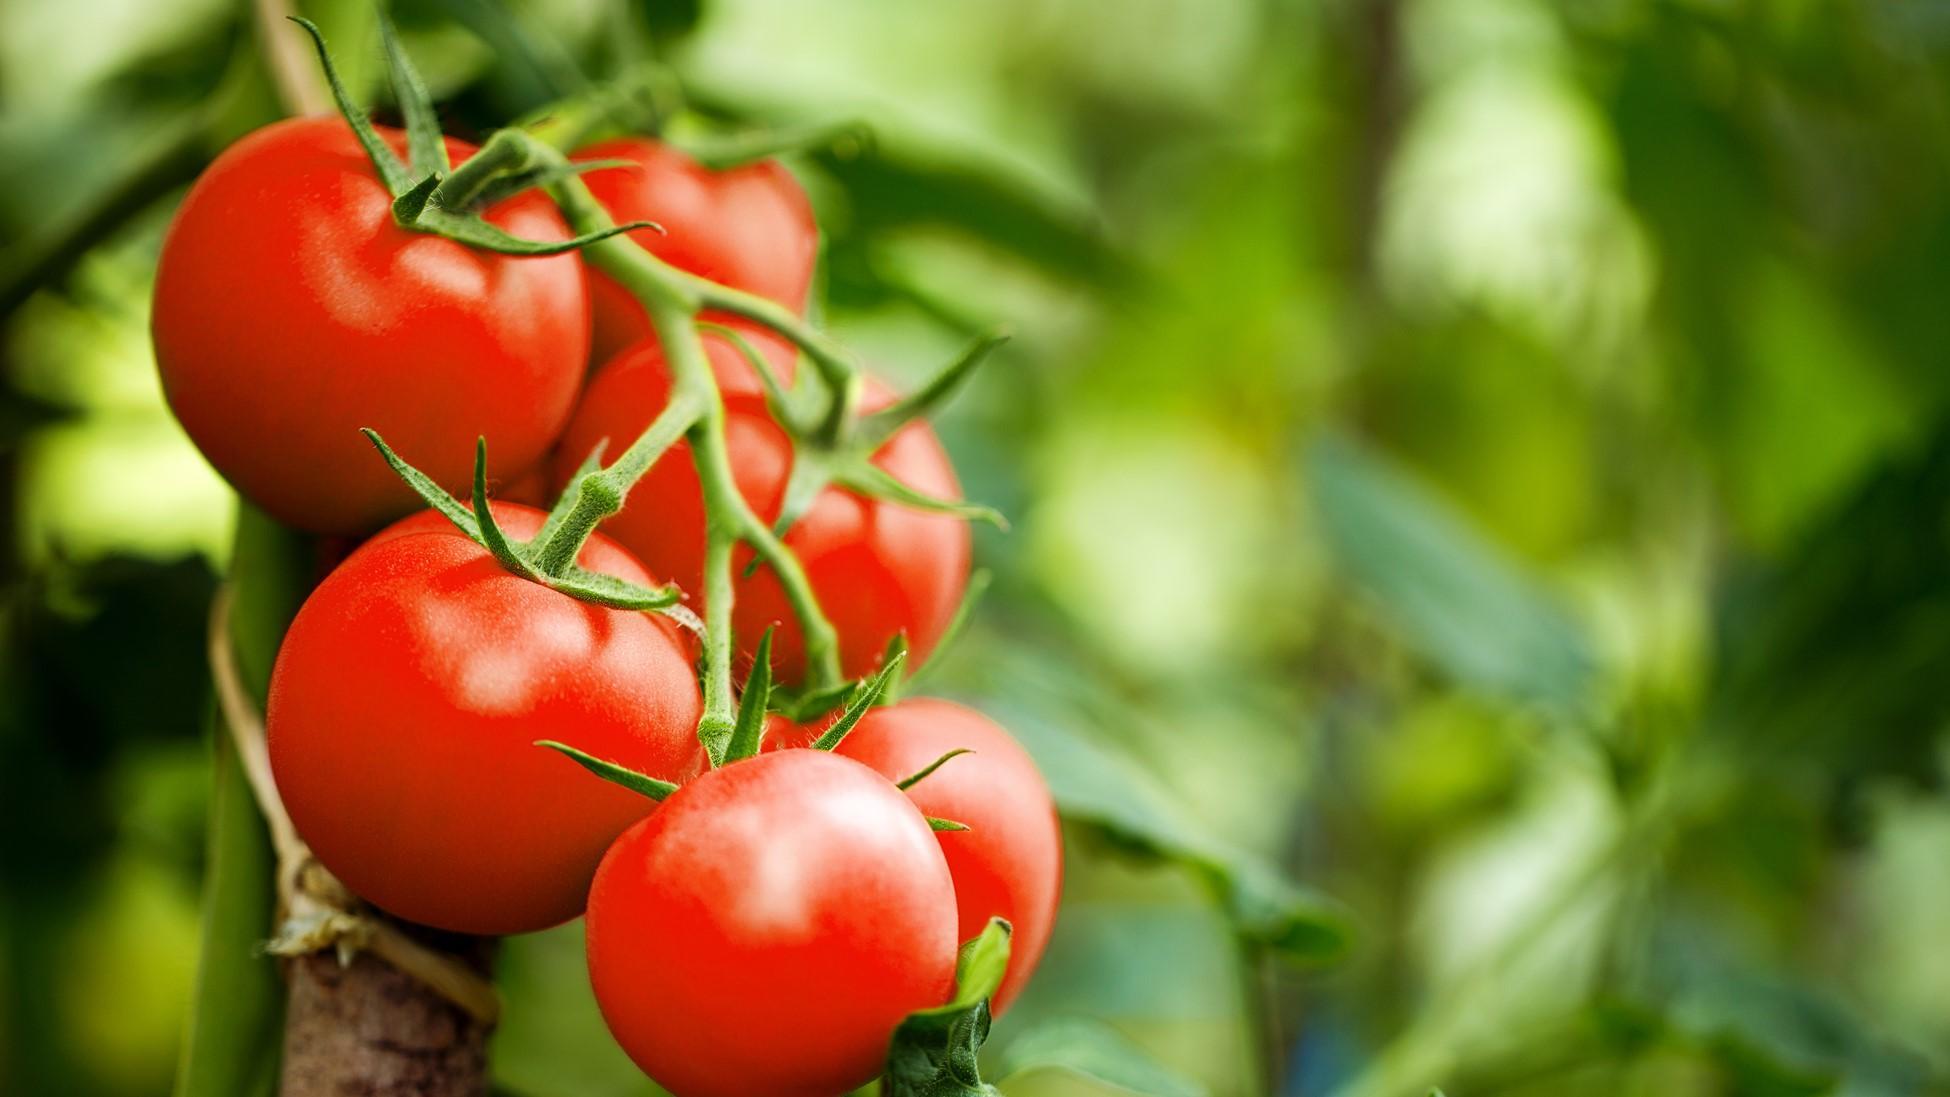 Плоды томатов оказались способны сигнализировать растению об опасности